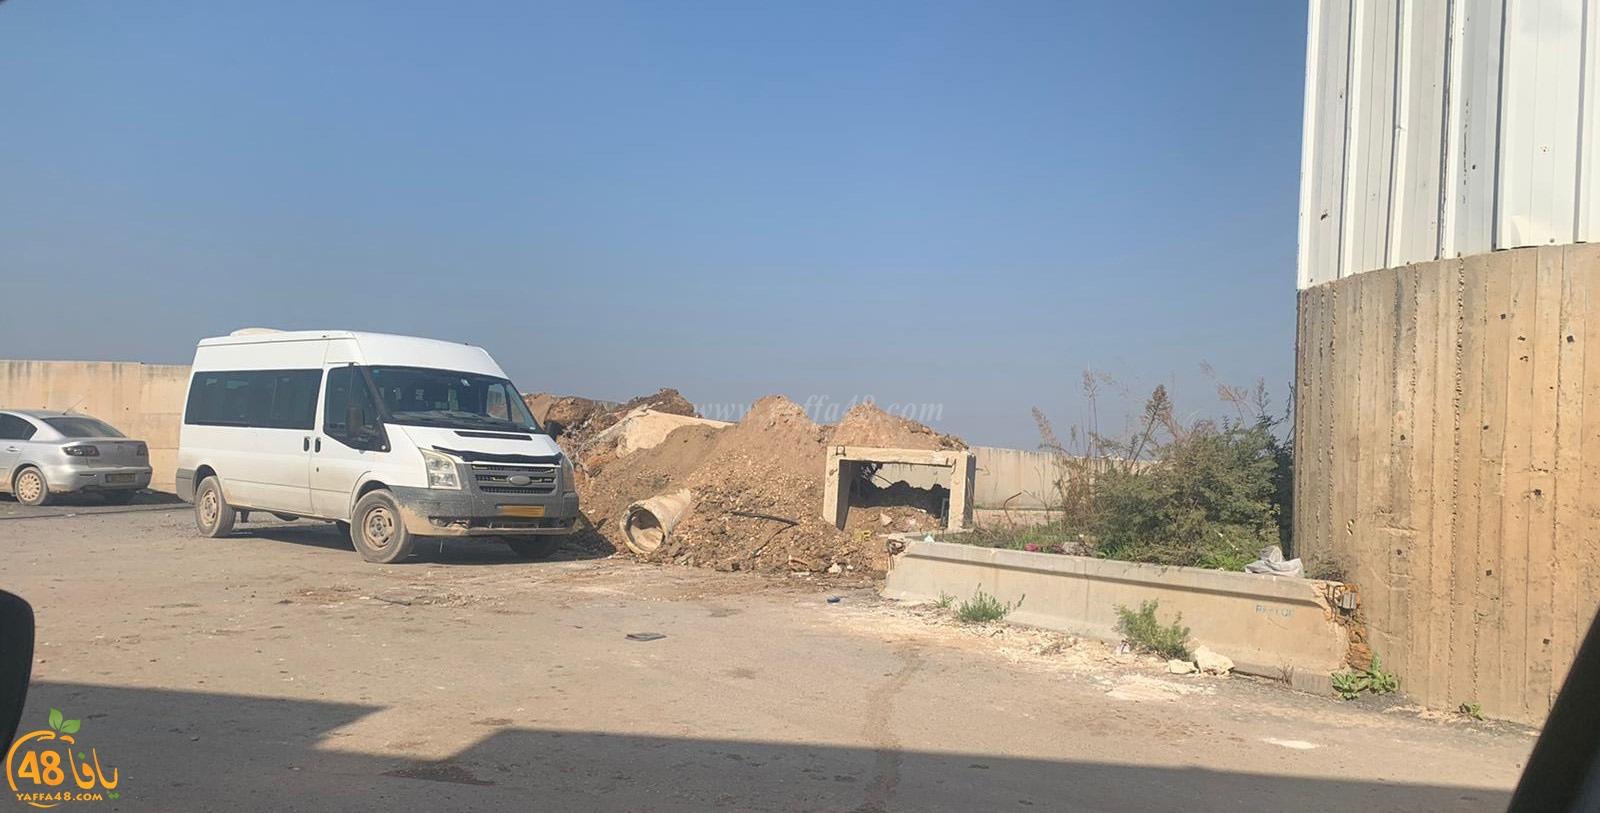 اللد: على خلفية تجدد اطلاق النار - اغلاق مدخل حي شنير بالكتل الاسمنتية